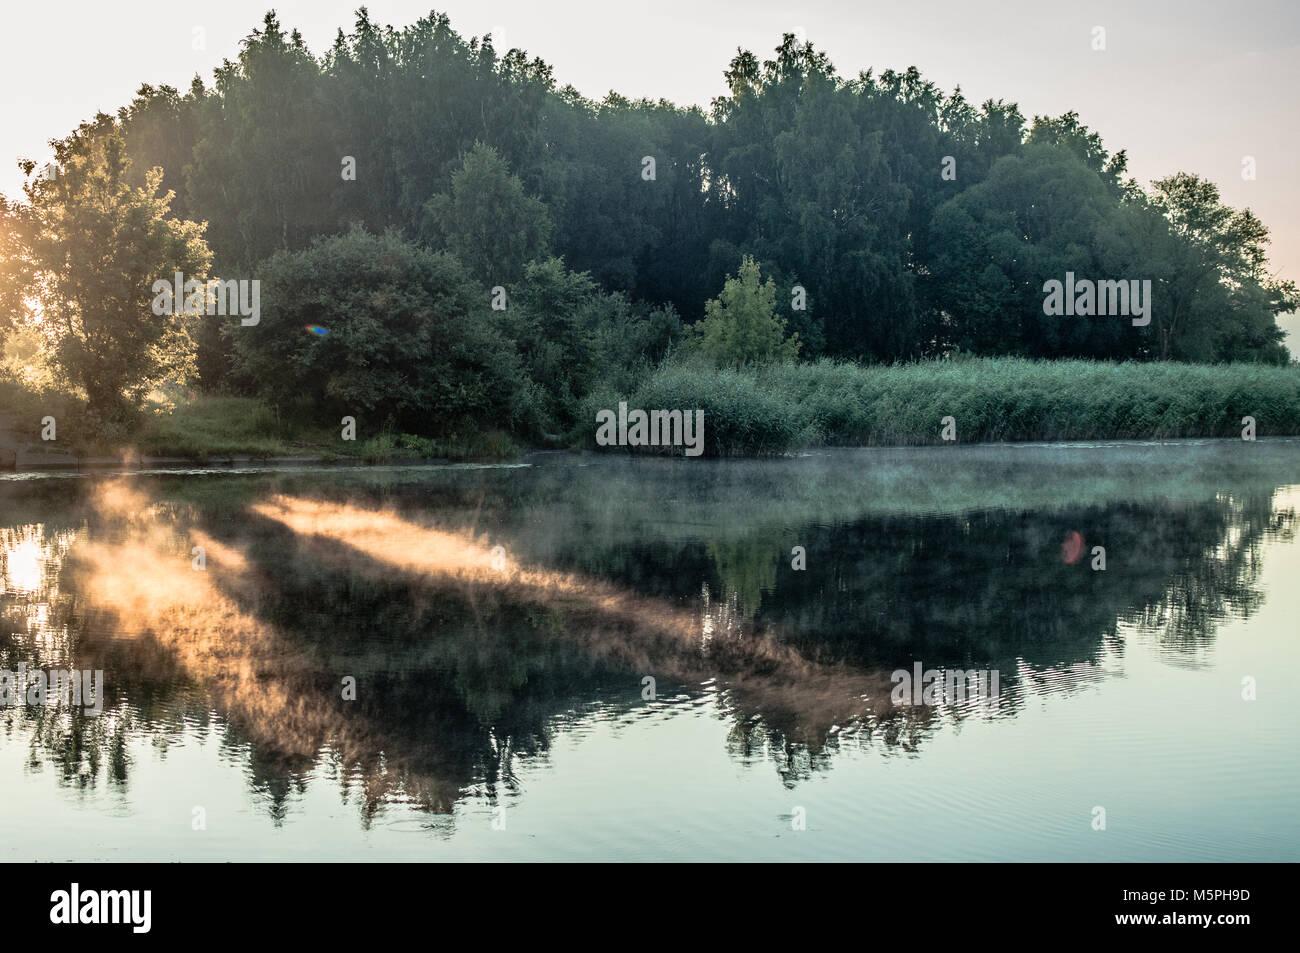 Hermoso árbol reflexiones sobre la superficie de los lagos. Foto de stock